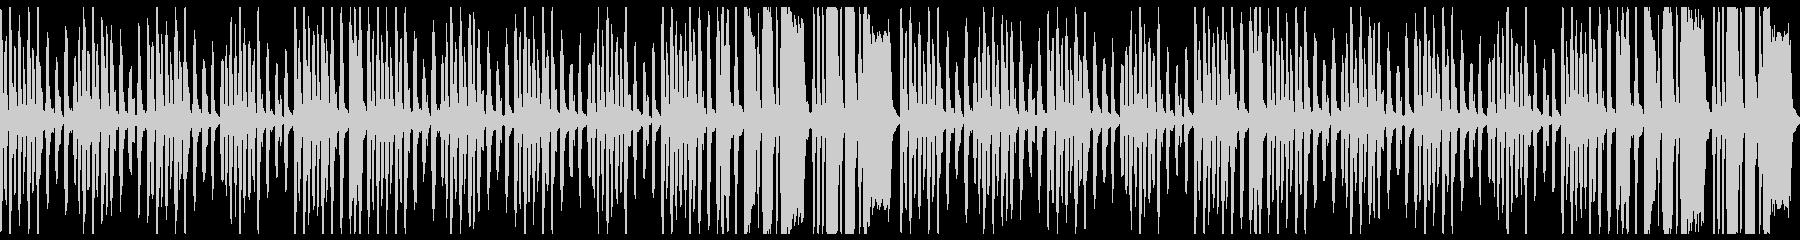 ほのぼのイメージのBGMループの未再生の波形